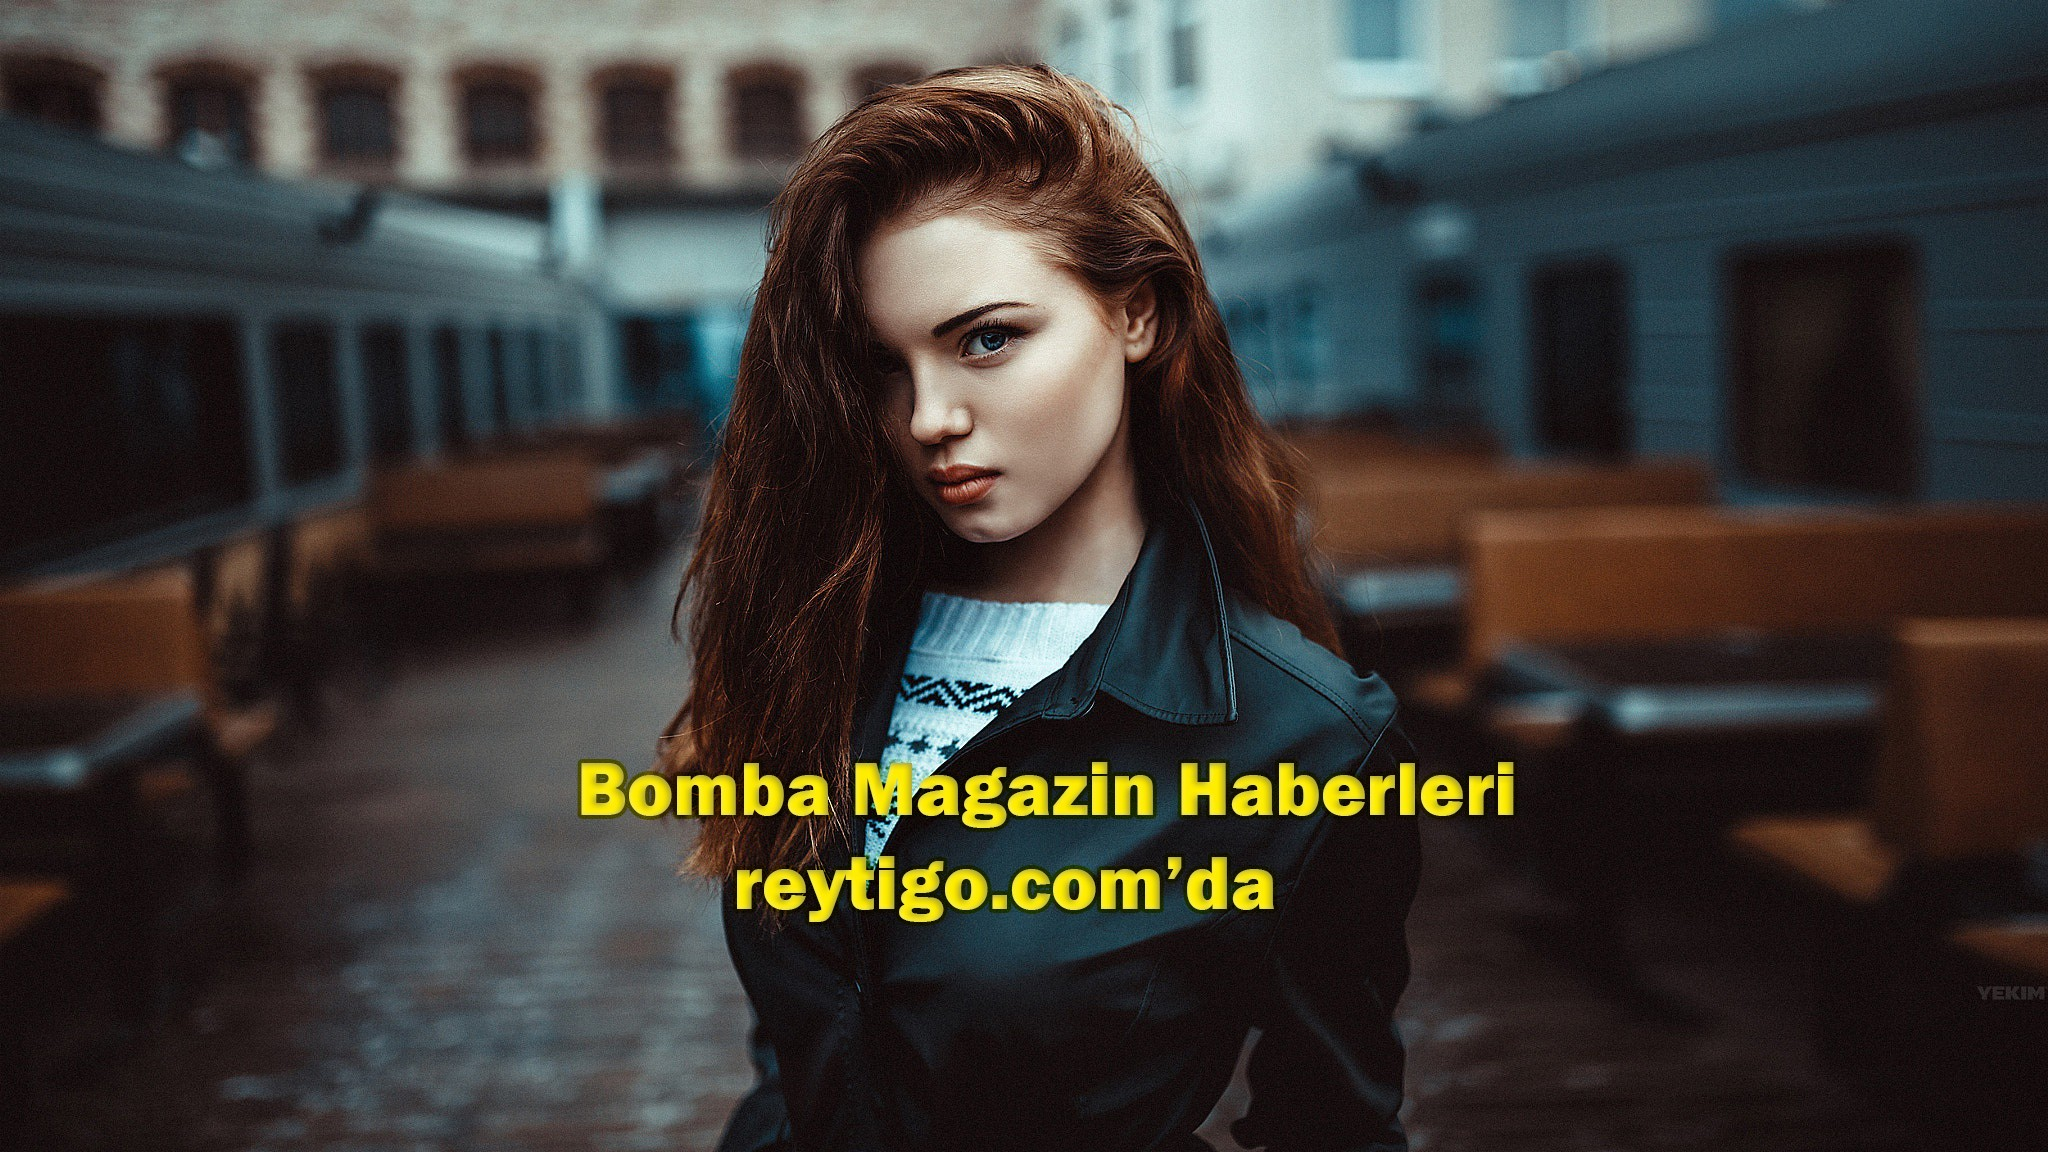 reytigo.com magazin haberleri